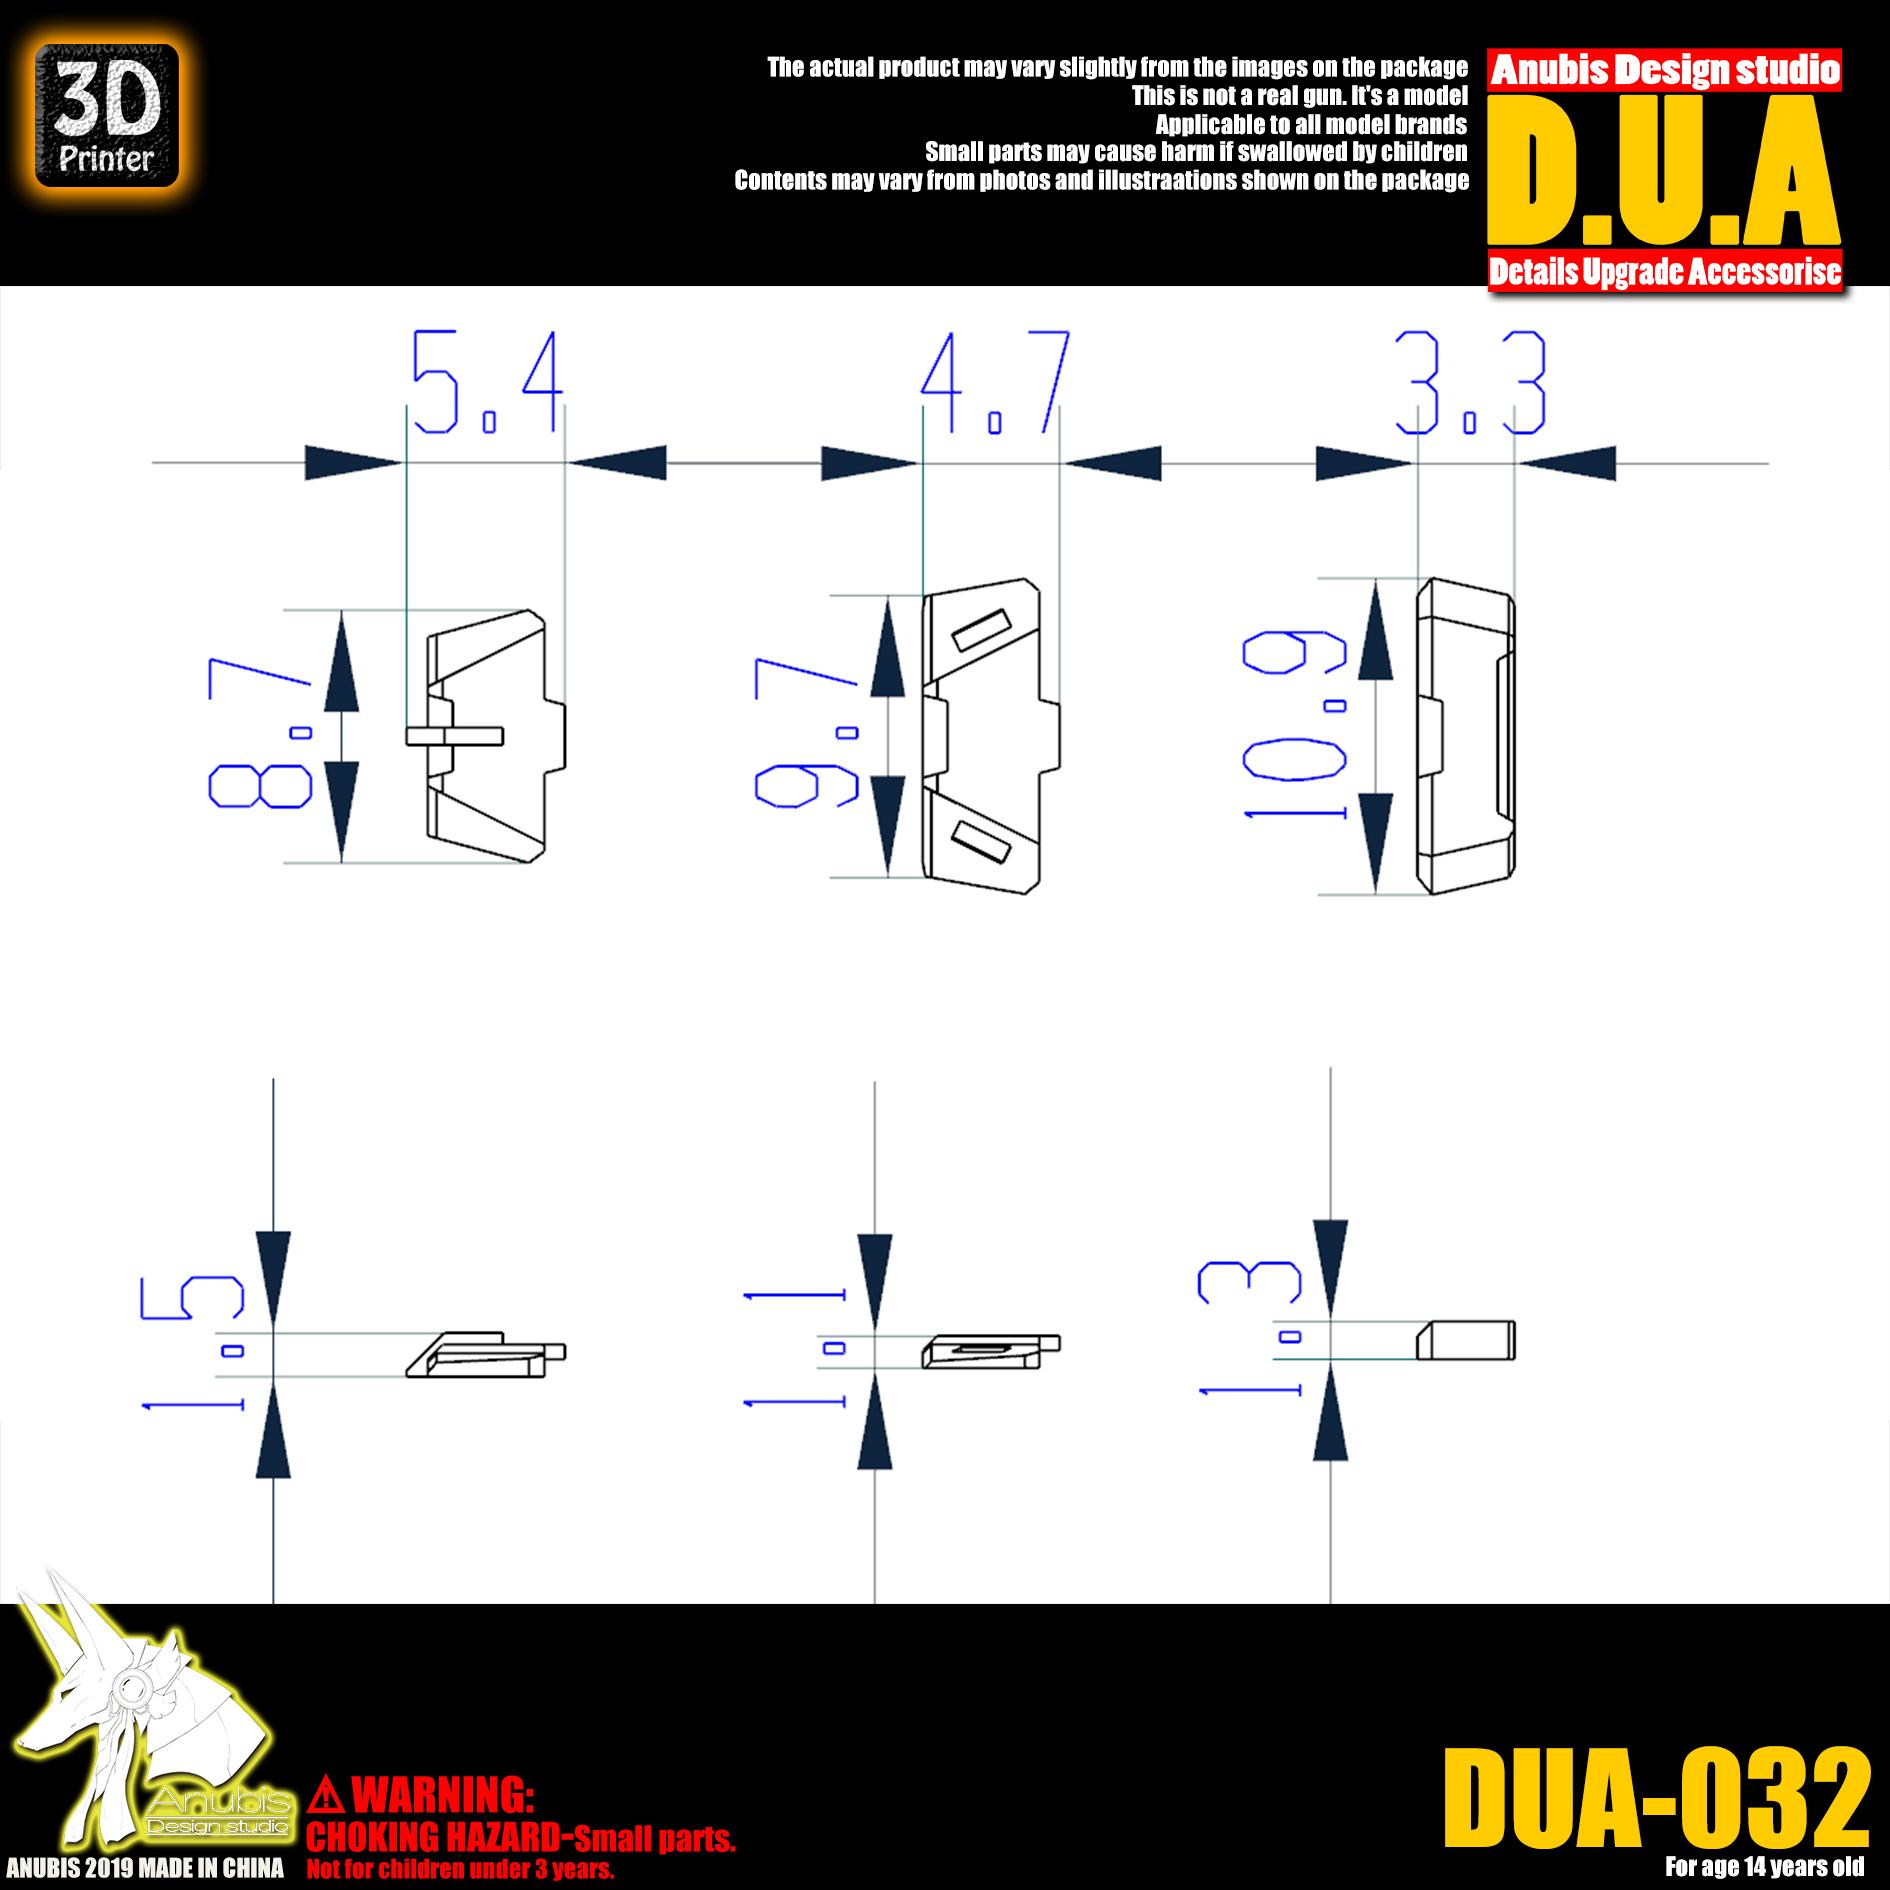 G413_DUA032_003.jpg